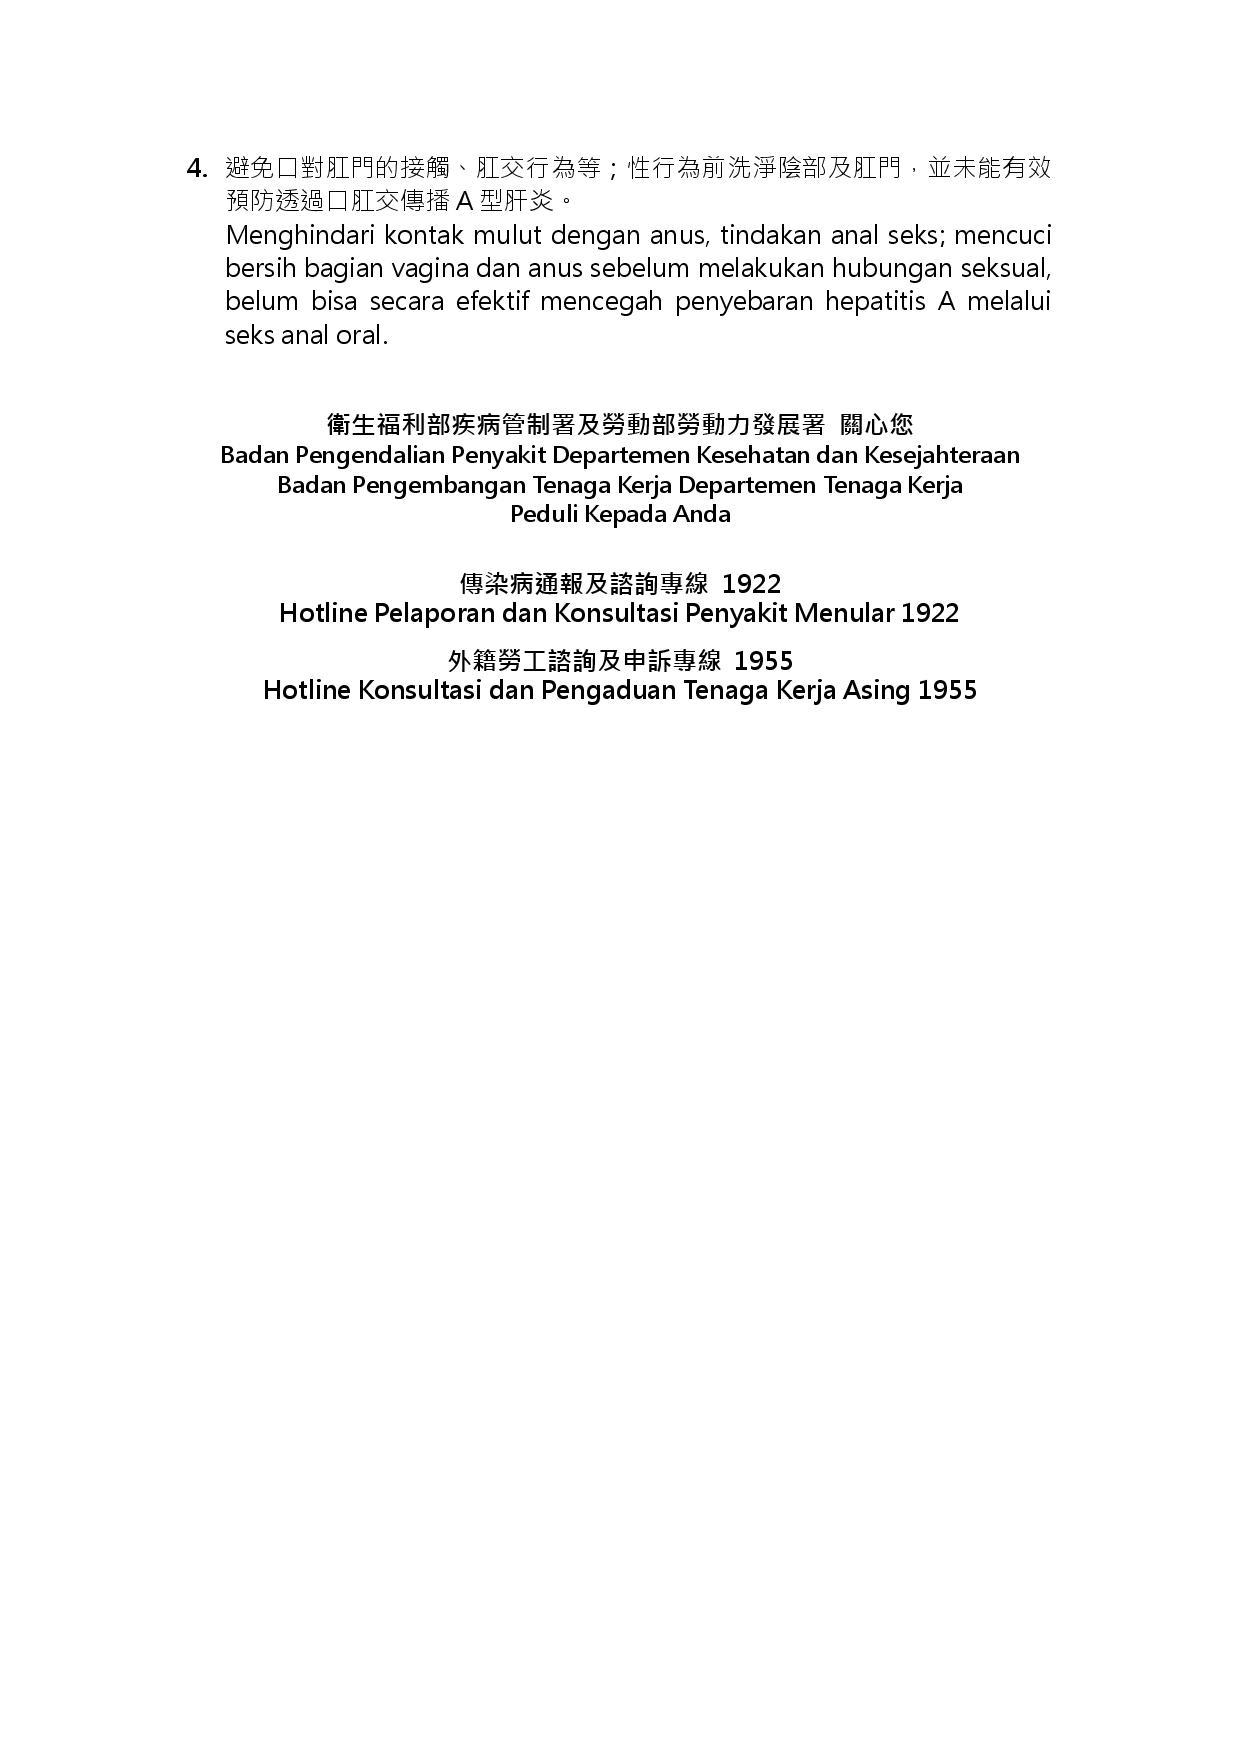 詳如附件【Klik】Mencegah Hepatitis Virus Akut A(Halaman 3)預防急性病毒性A型肝炎,接種疫苗最有效(印尼文)